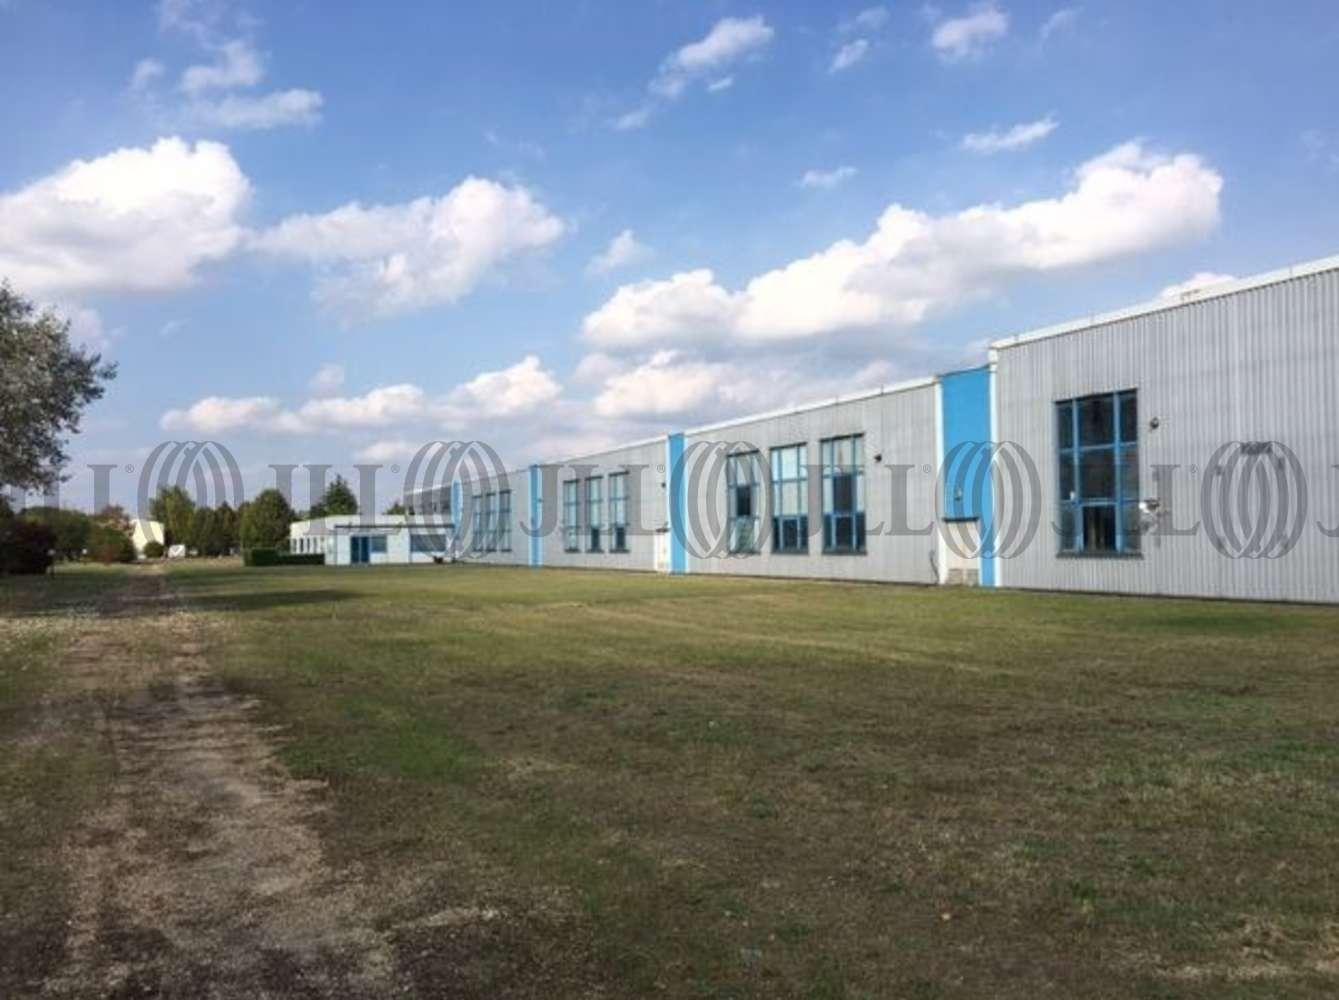 Activités/entrepôt Poissy, 78300 - 33-35 RUE CHARLES EDOUARD JEANNERET - 9462844